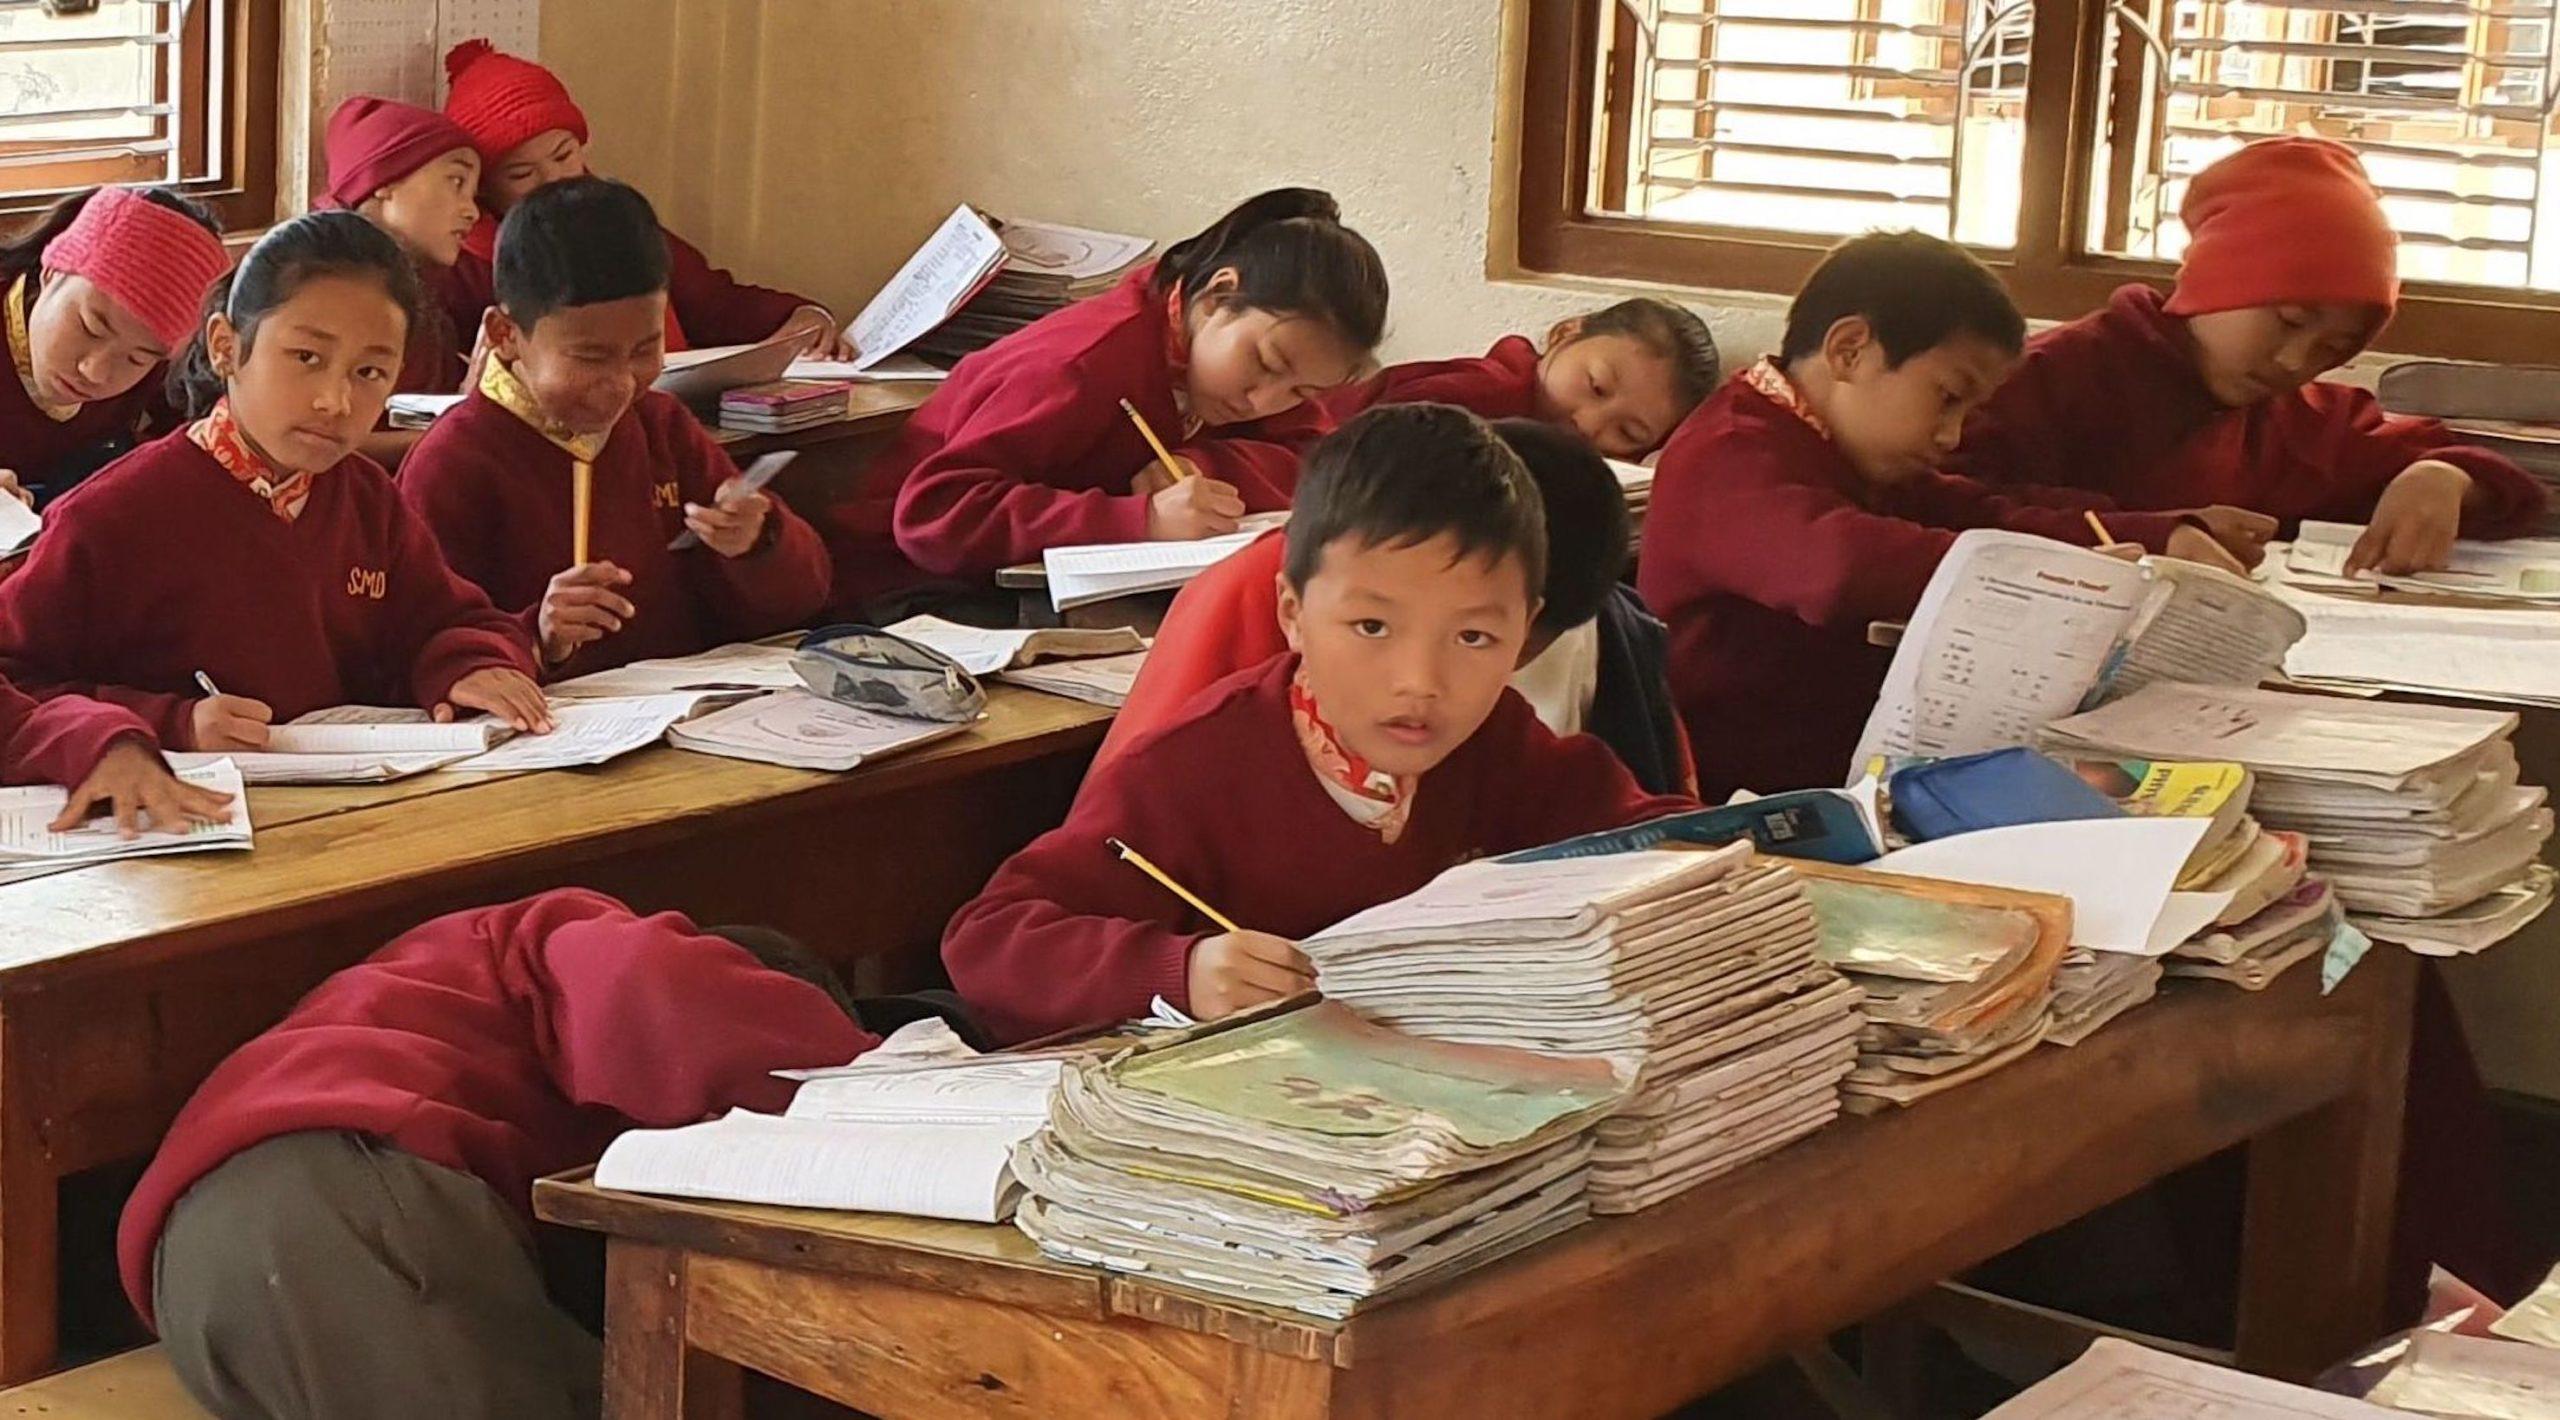 Škola má jen základní vybavení, ale třídy rozjasňuje červeň školních mundúrů a mnišských rouch, na stěnách visí motivační slogany a knihovna je dobře vybavená dětskými knihami v angličtině.